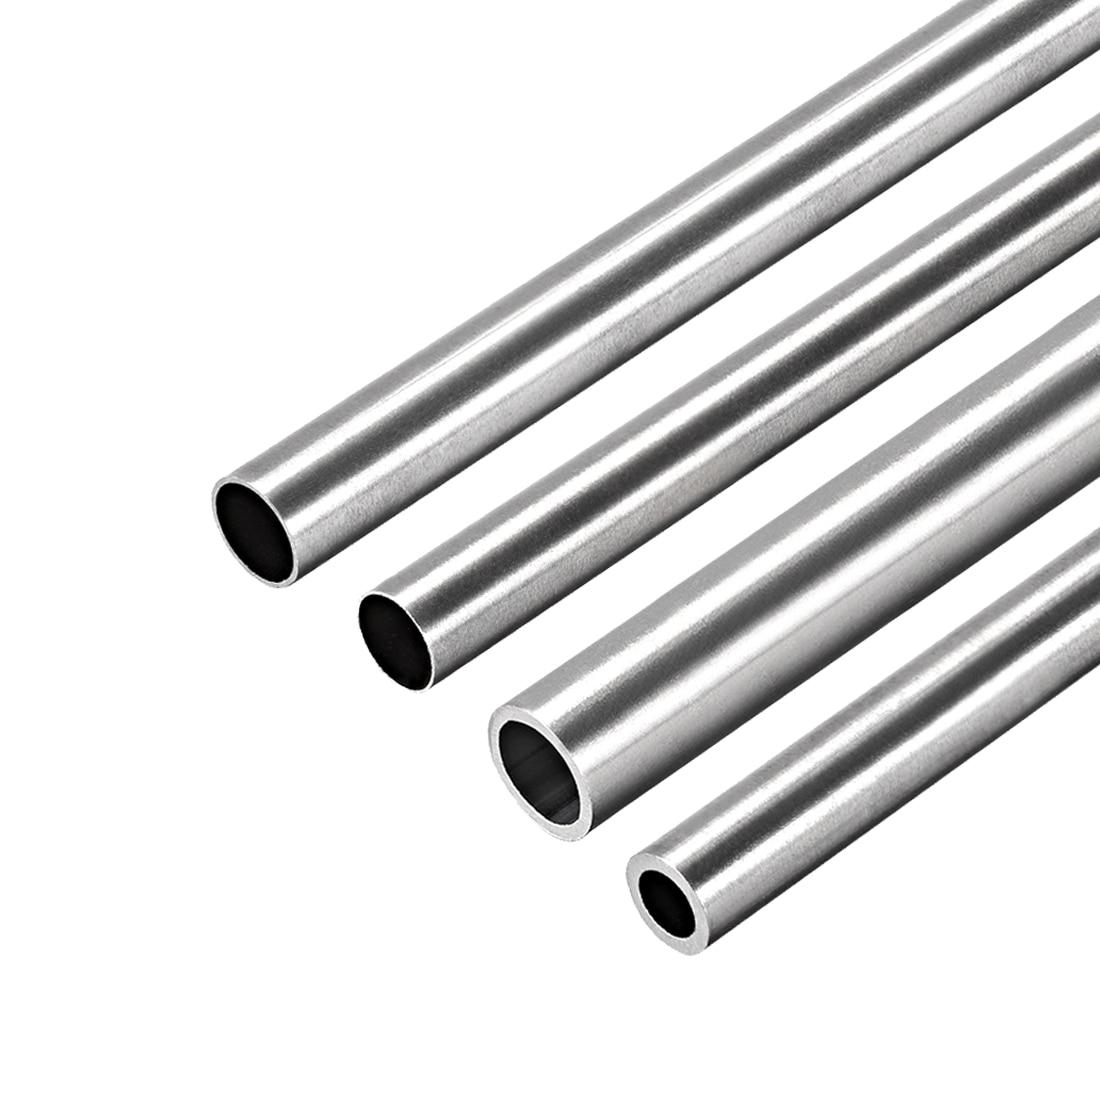 Tubulação redonda de aço inoxidável 6mm-10mm od 304mm do comprimento de uxcell 1pc 250 tubo reto sem emenda da tubulação